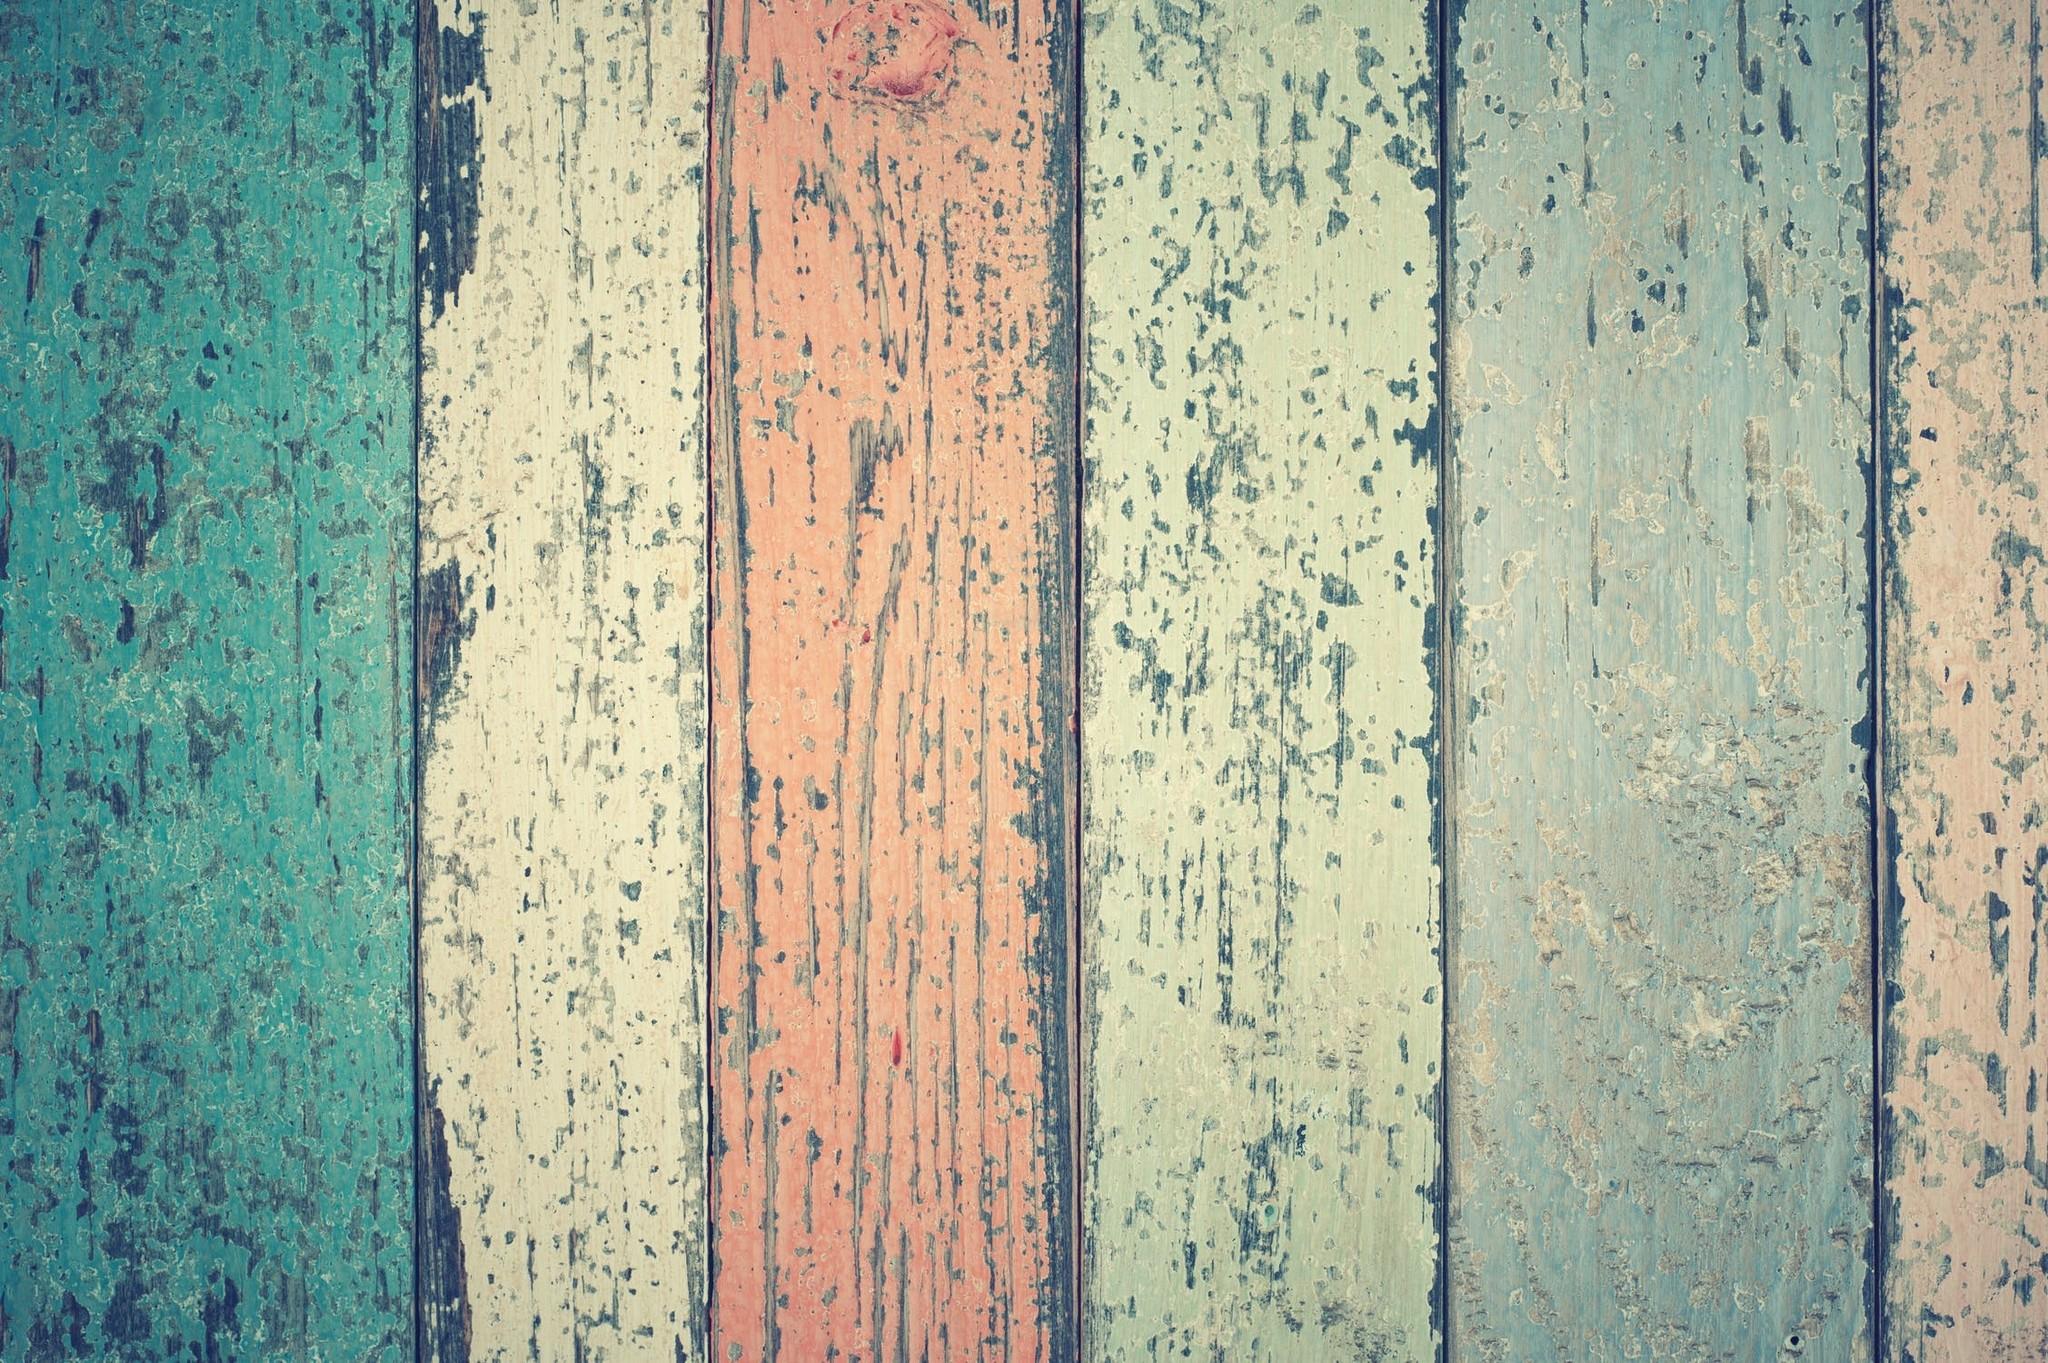 Hout oud maken - Zo verouder en vergrijs je hout!